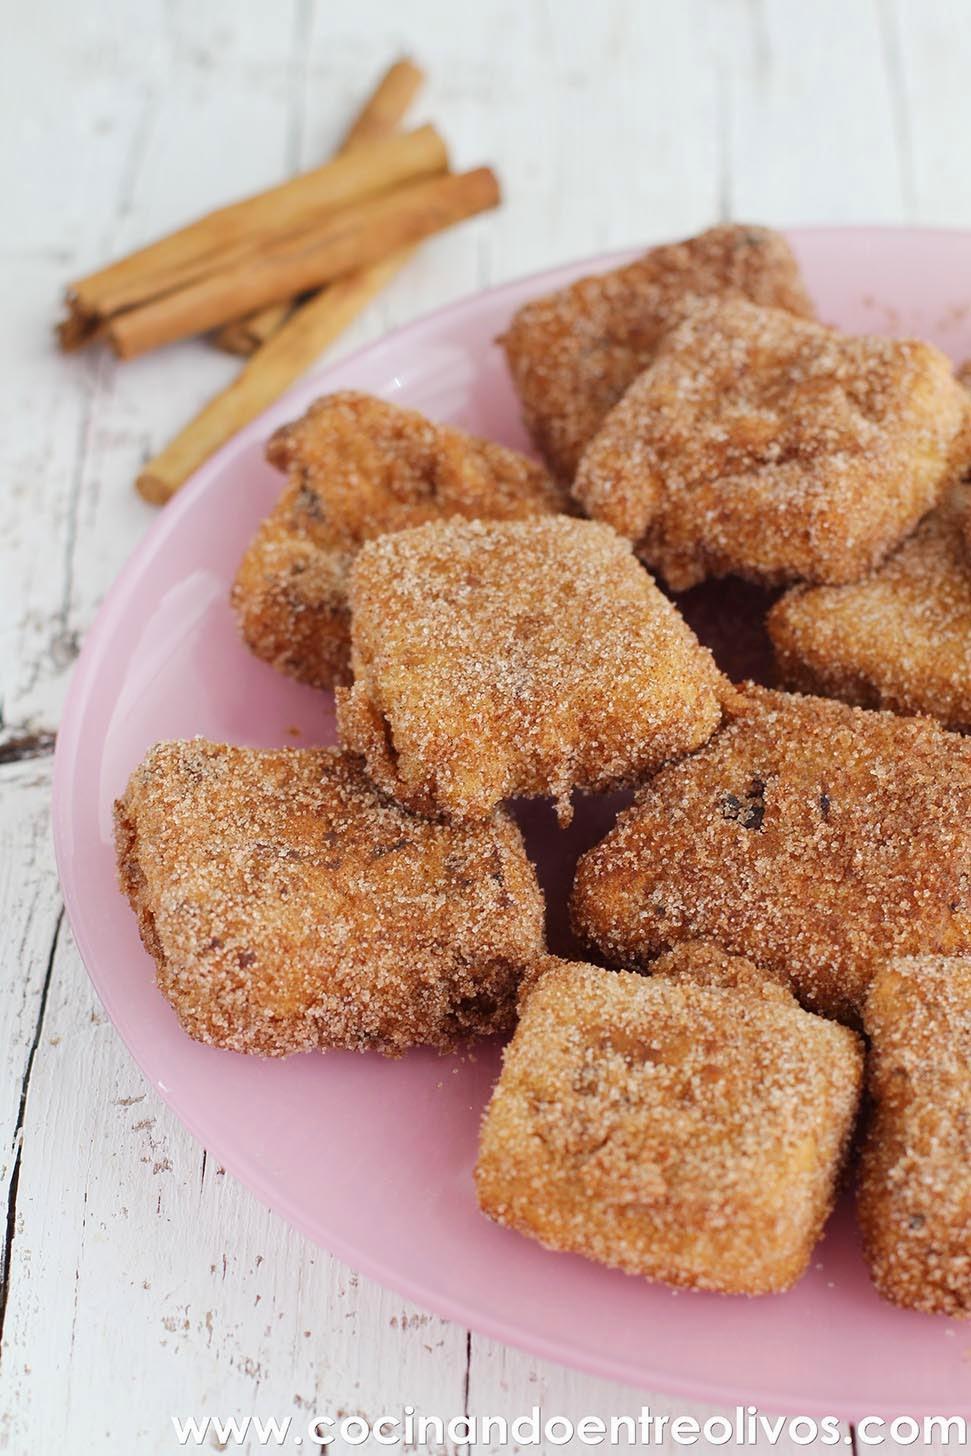 Cocinando entre olivos leche frita con maizena receta for Cocinando entre olivos